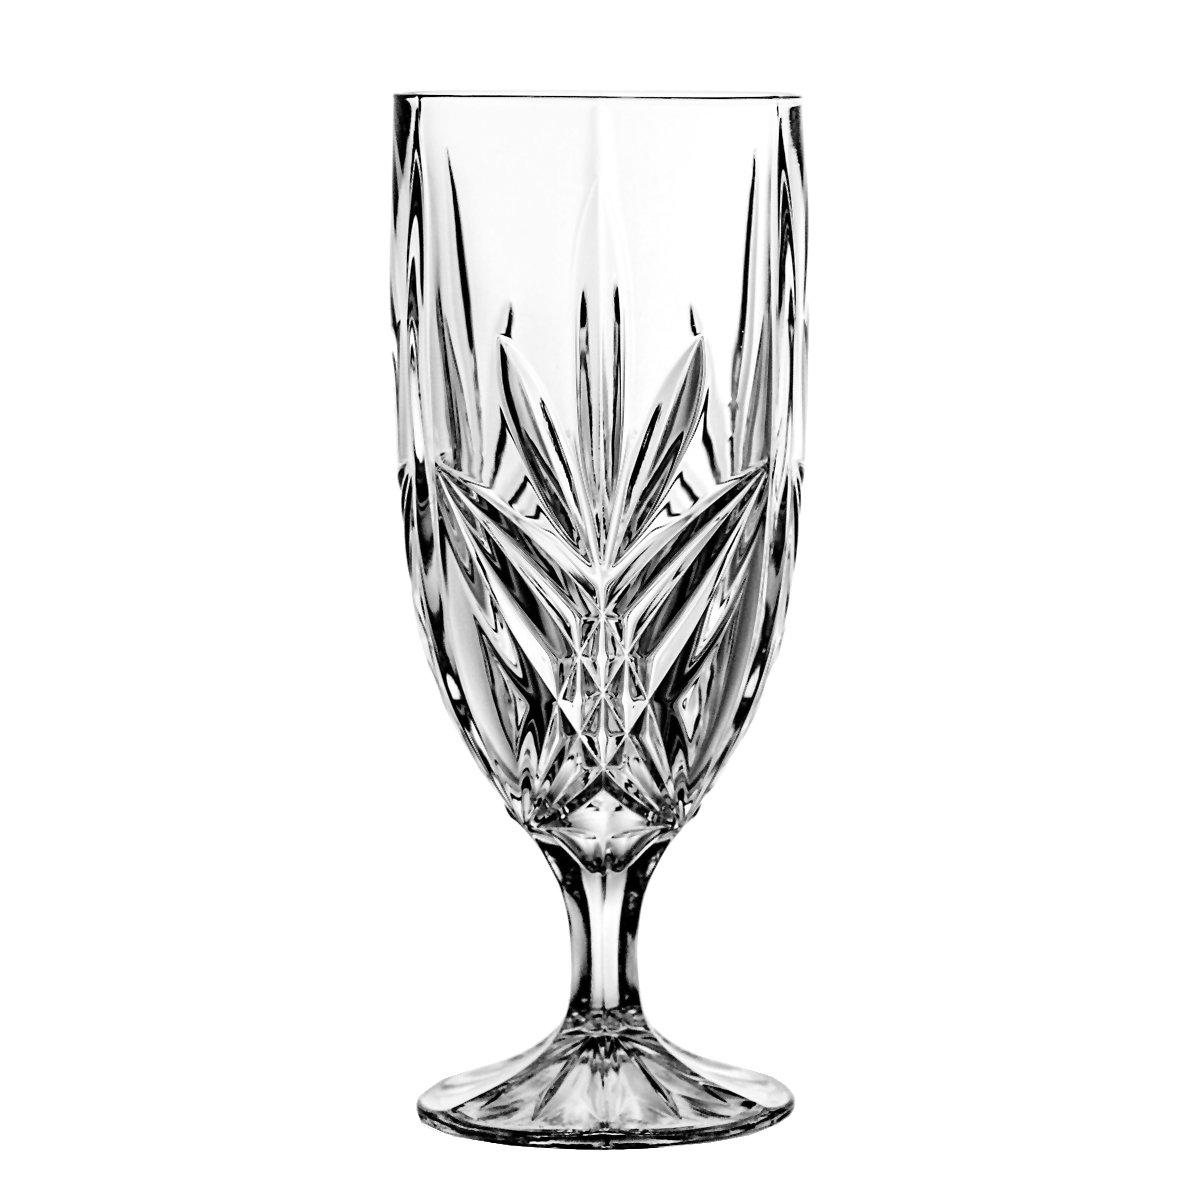 Crystaljulia 4229 verre cristal, 390 ml